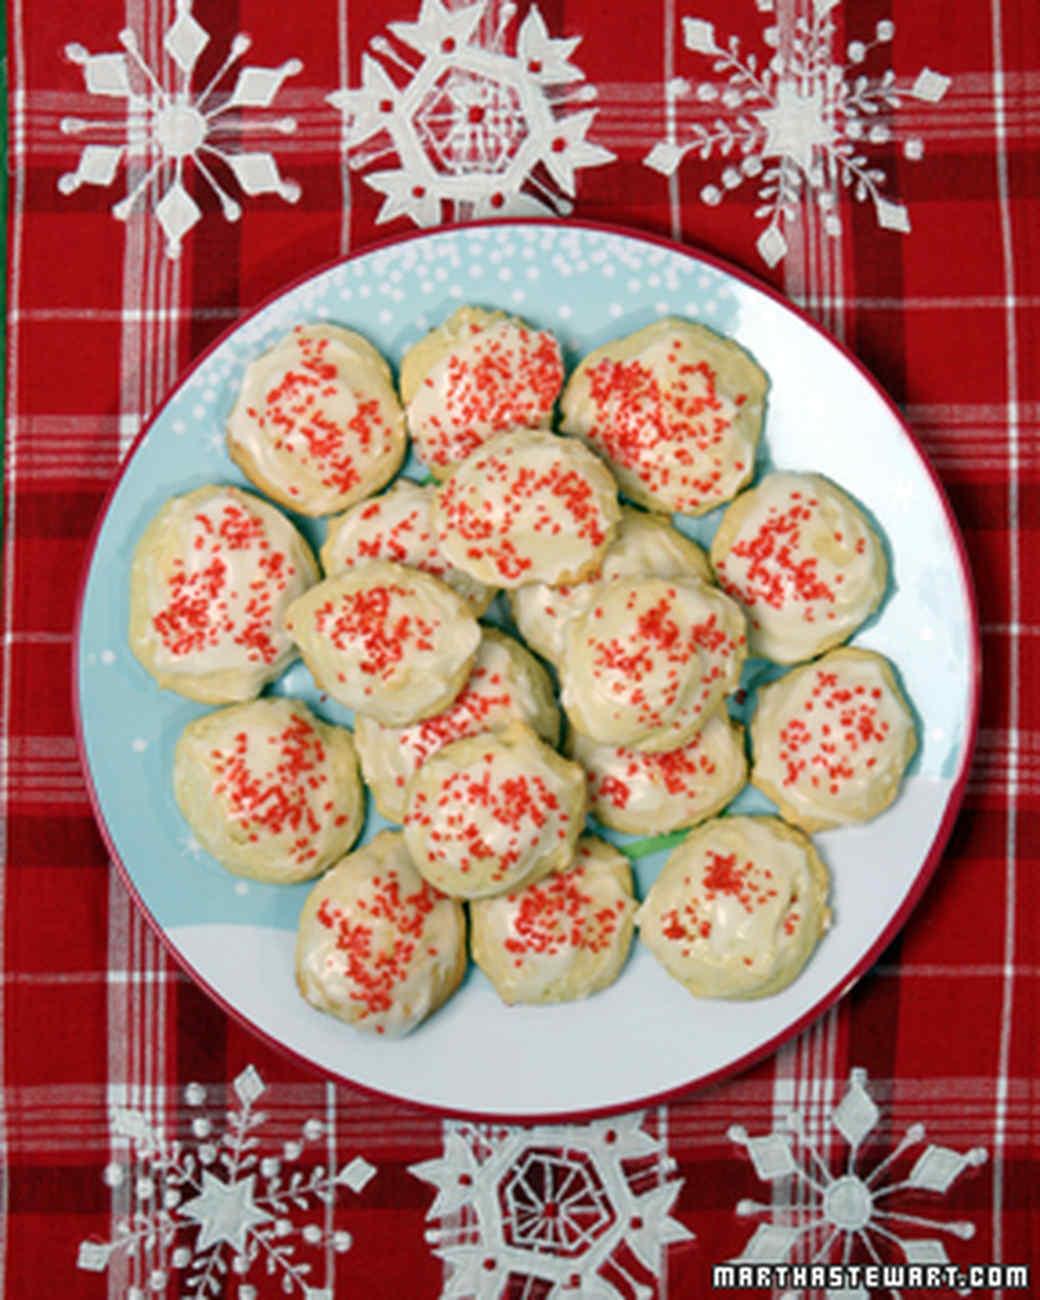 1064_recipe_biscuits.jpg